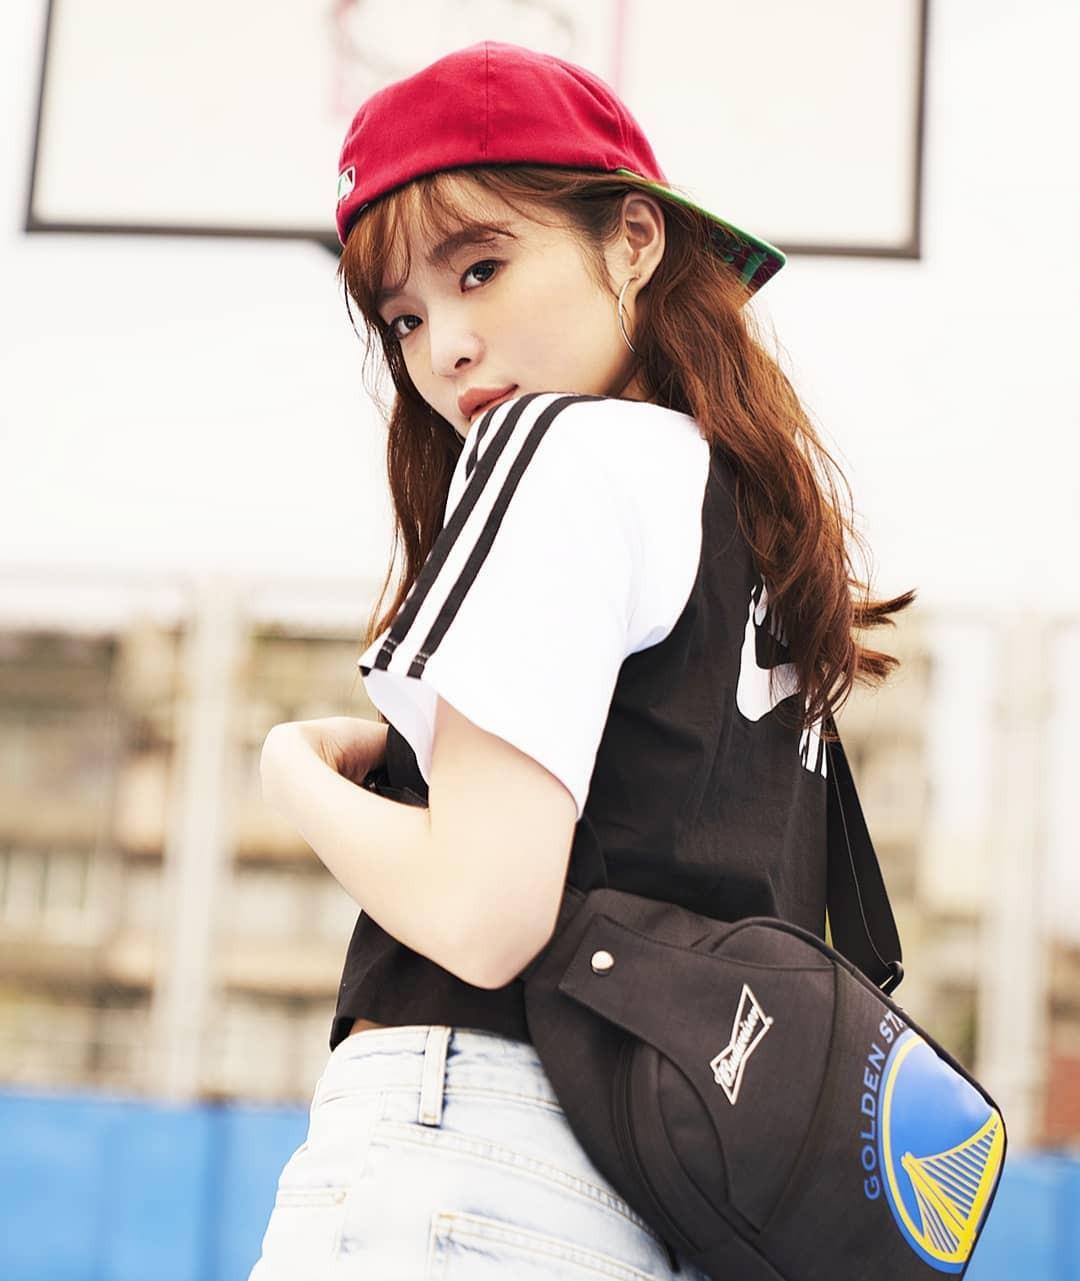 Vô tình gặp gái xinh sở hữu góc nghiêng giống Song Hye Kyo, chàng trai ngẩn ngơ đăng ảnh nhờ cư dân mạng tìm info giúp-8